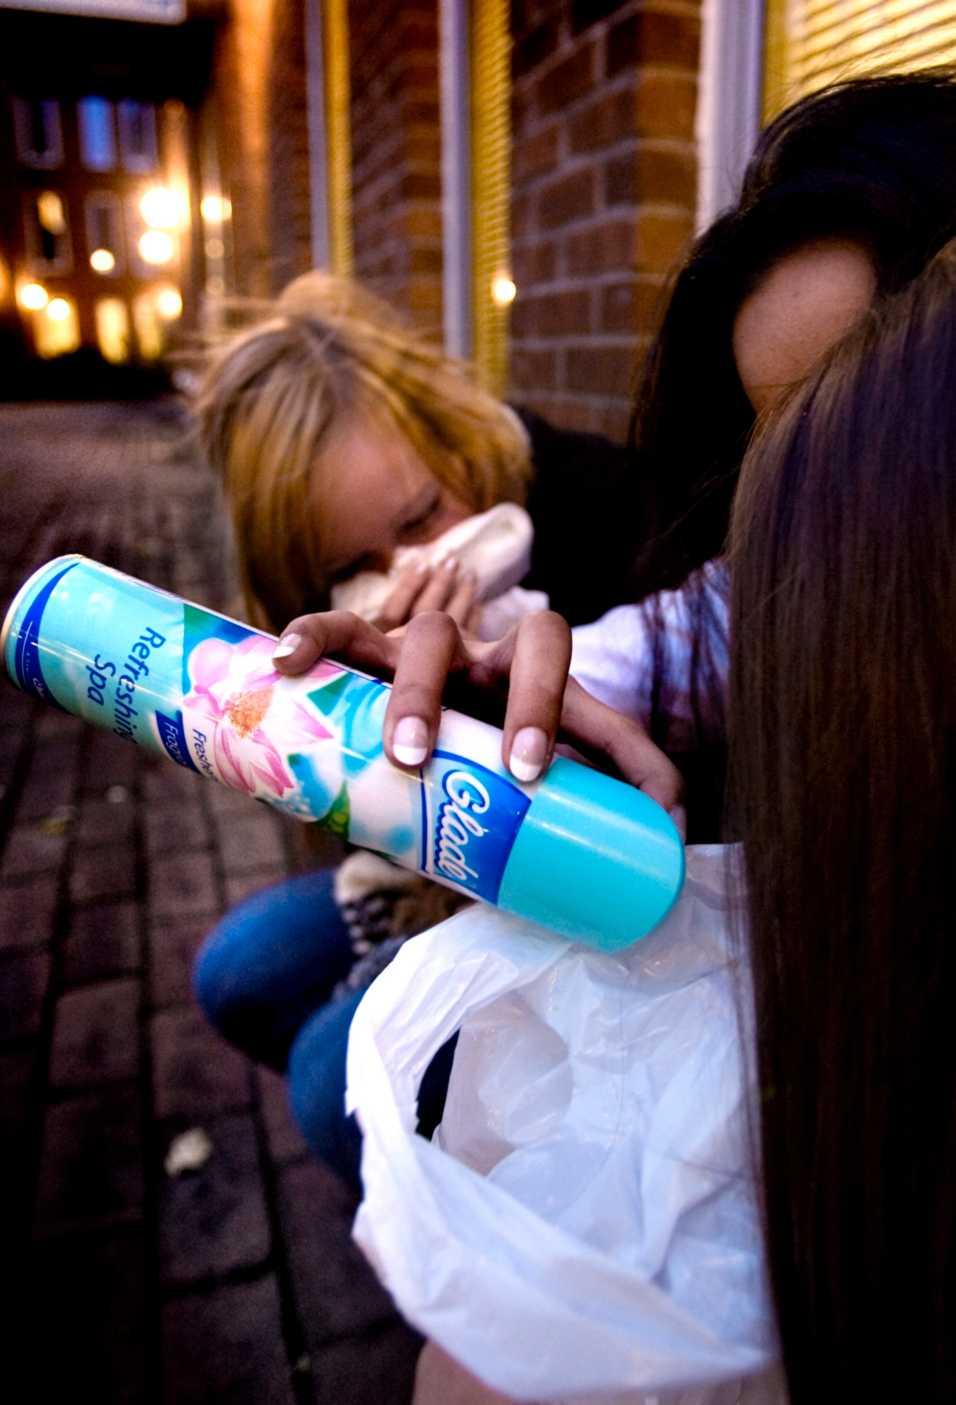 Flickorna sprayar gasen i en påse för att kunna sniffa den. Nu varnar socialsekreterare för riskerna. OBS! Bilden är arrangerad.